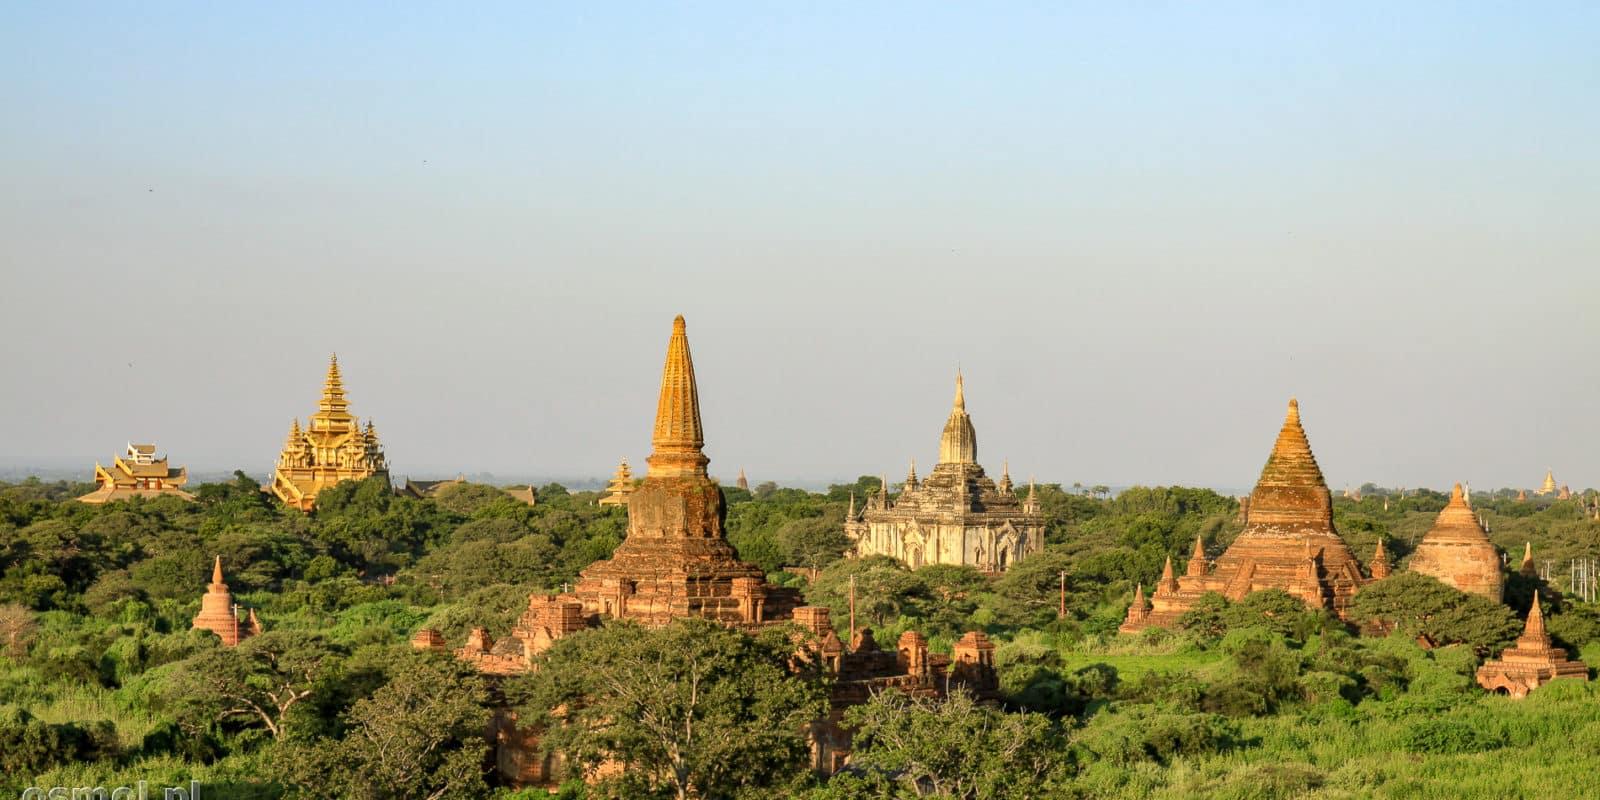 Bagan o świcie , kiedy słońce jeszcze nie pali a pagody dostojnie prezentują się w miękkim porannym świetle.